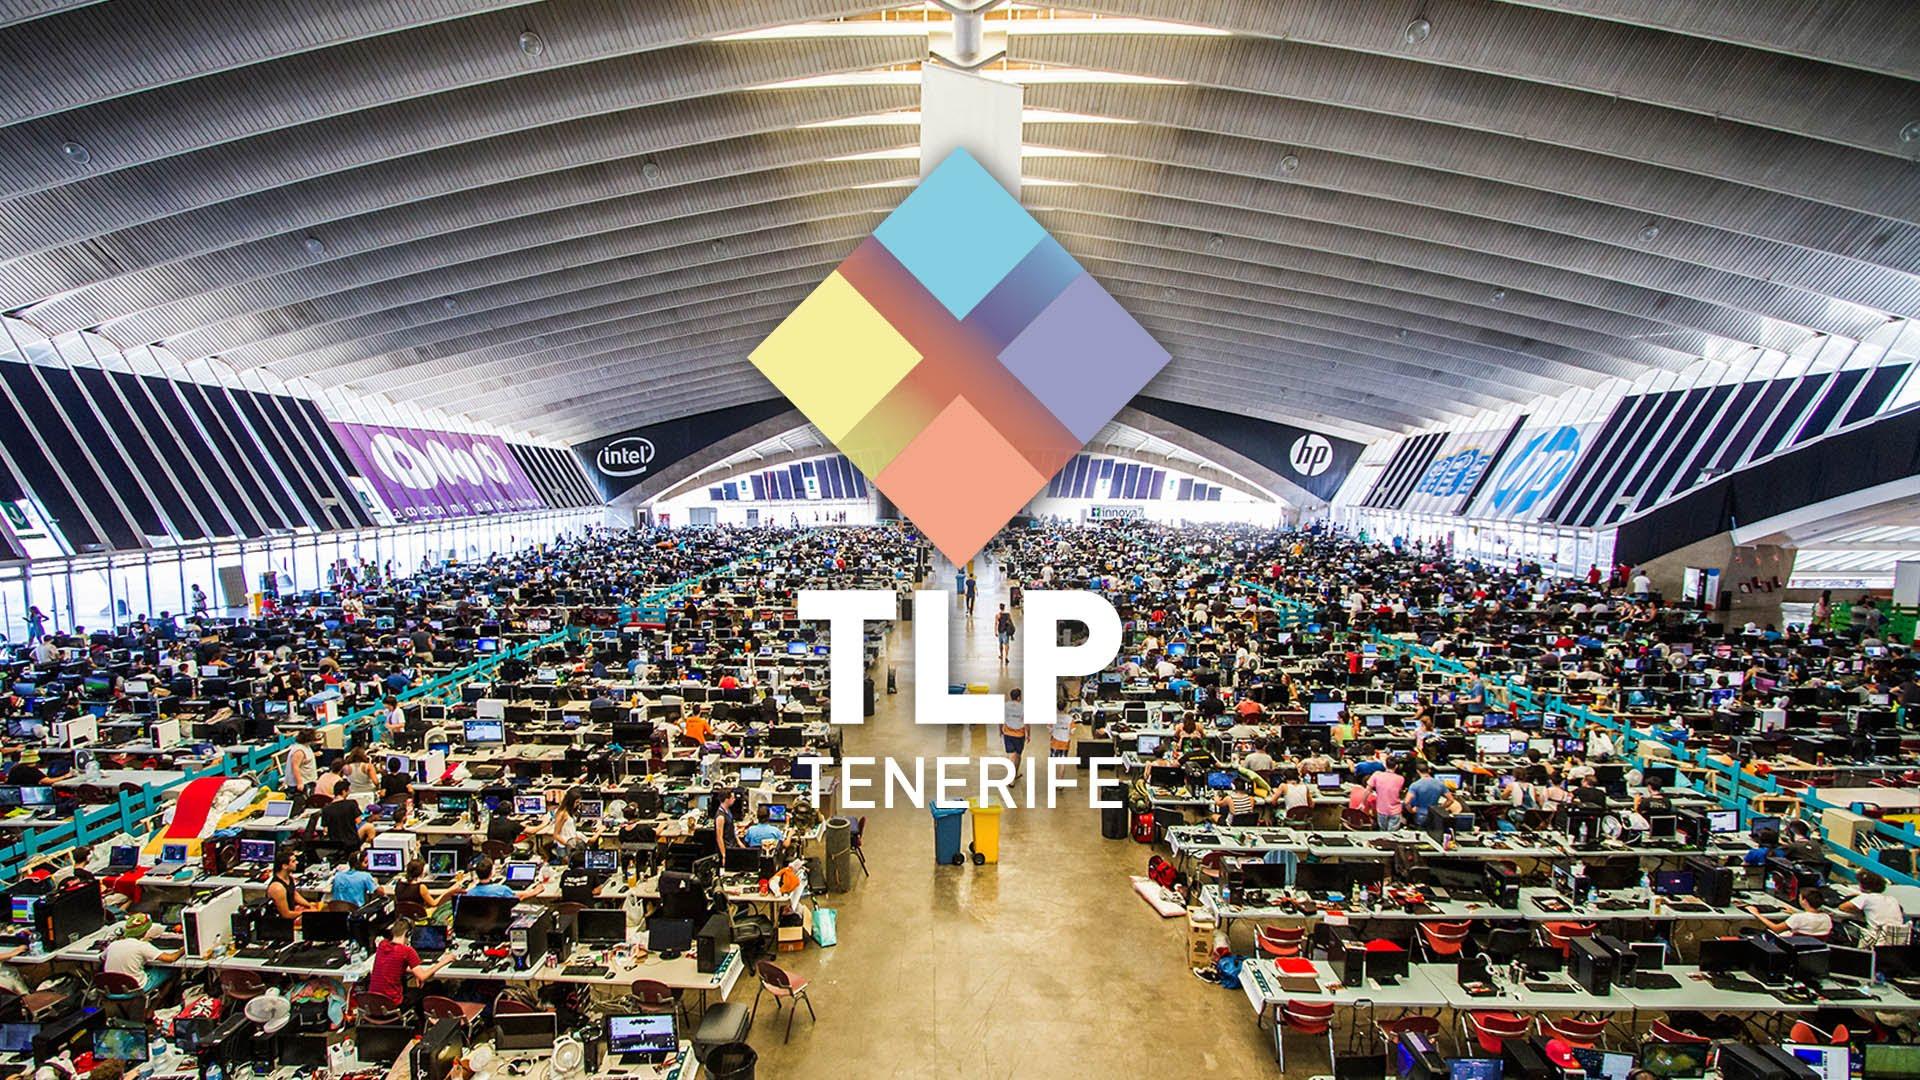 El evento TLP expone los documentos y autorizaciones de los participantes menores